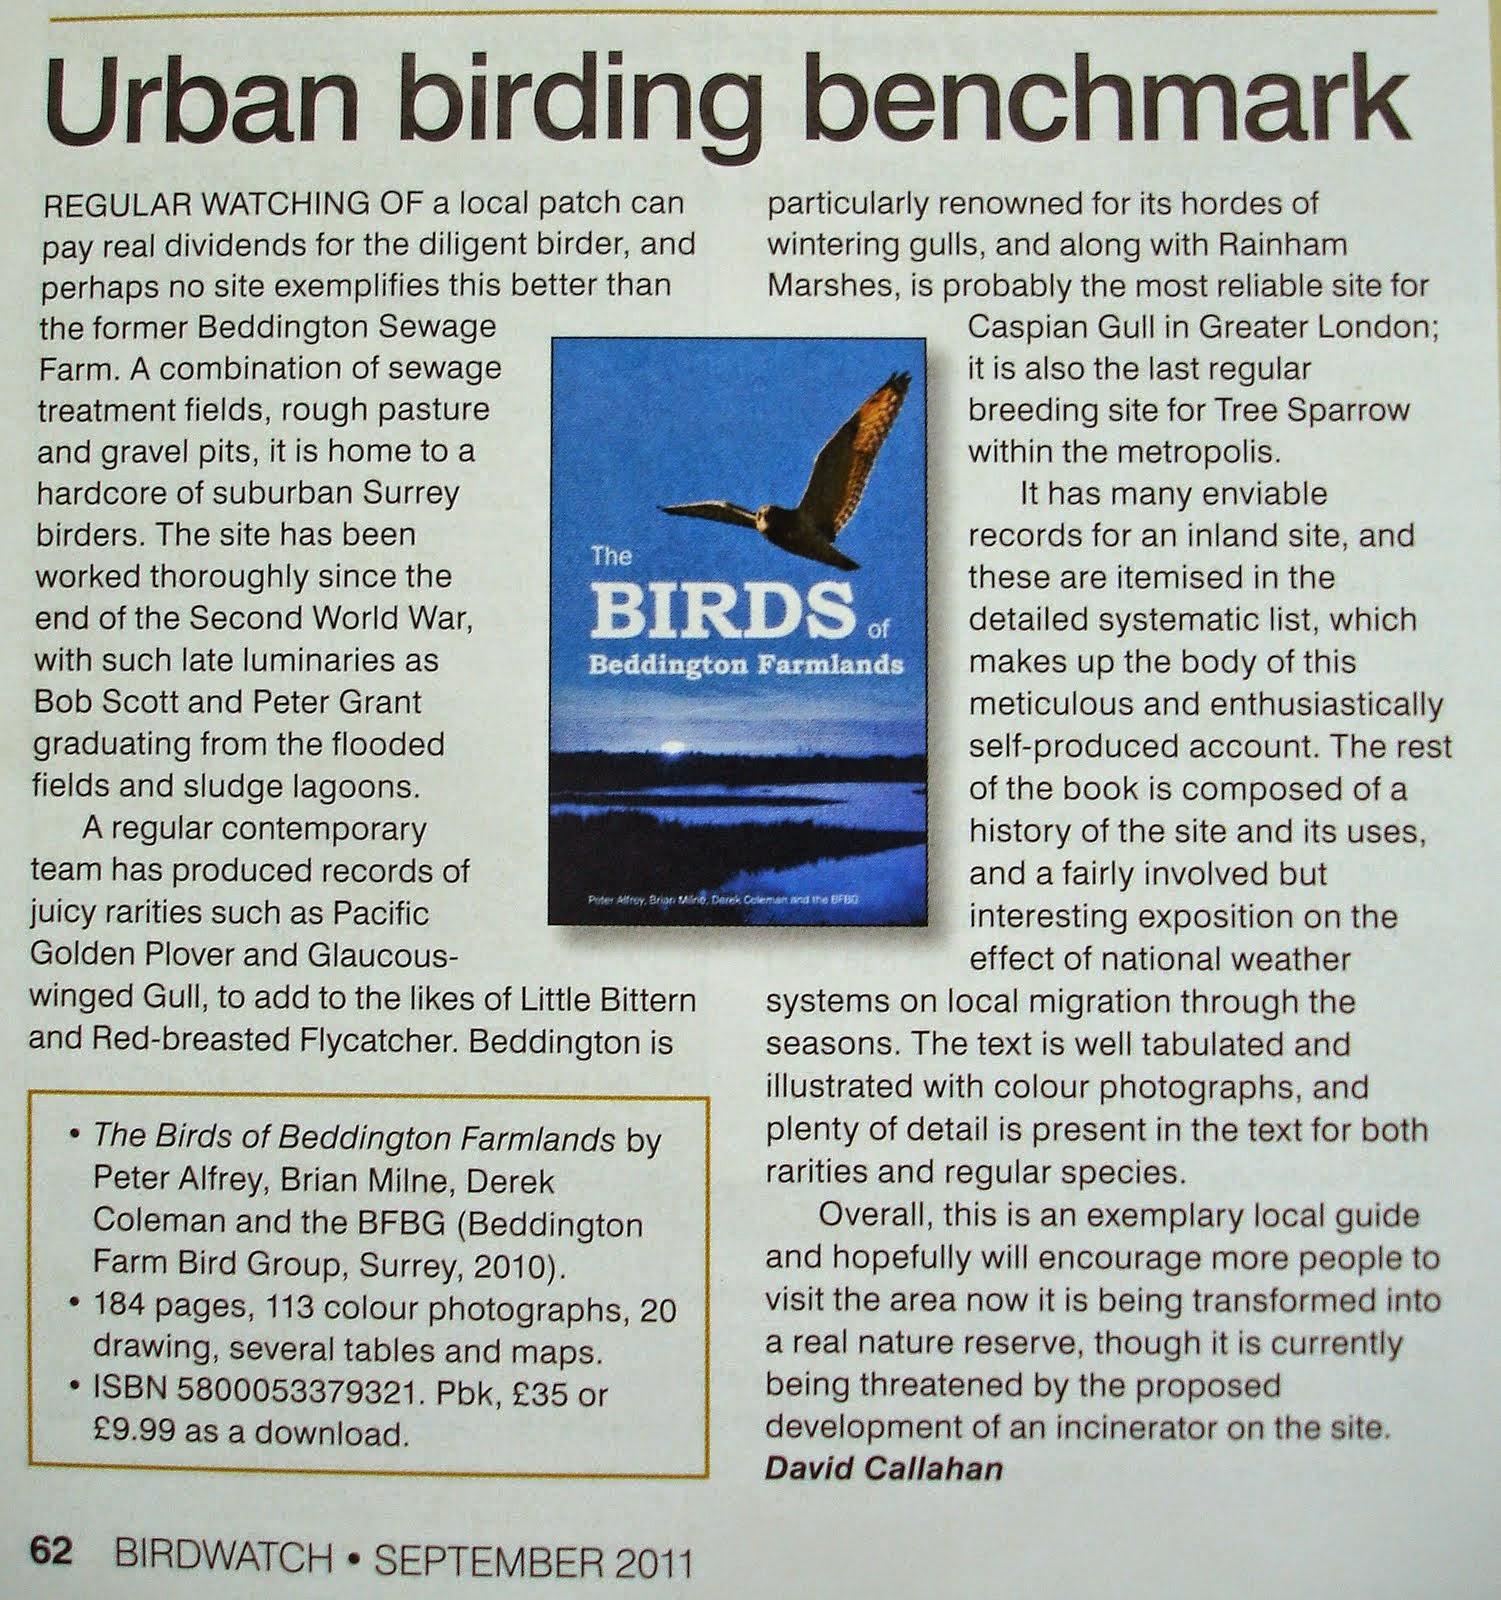 THE BIRDS OF BEDDINGTON FARMLANDS